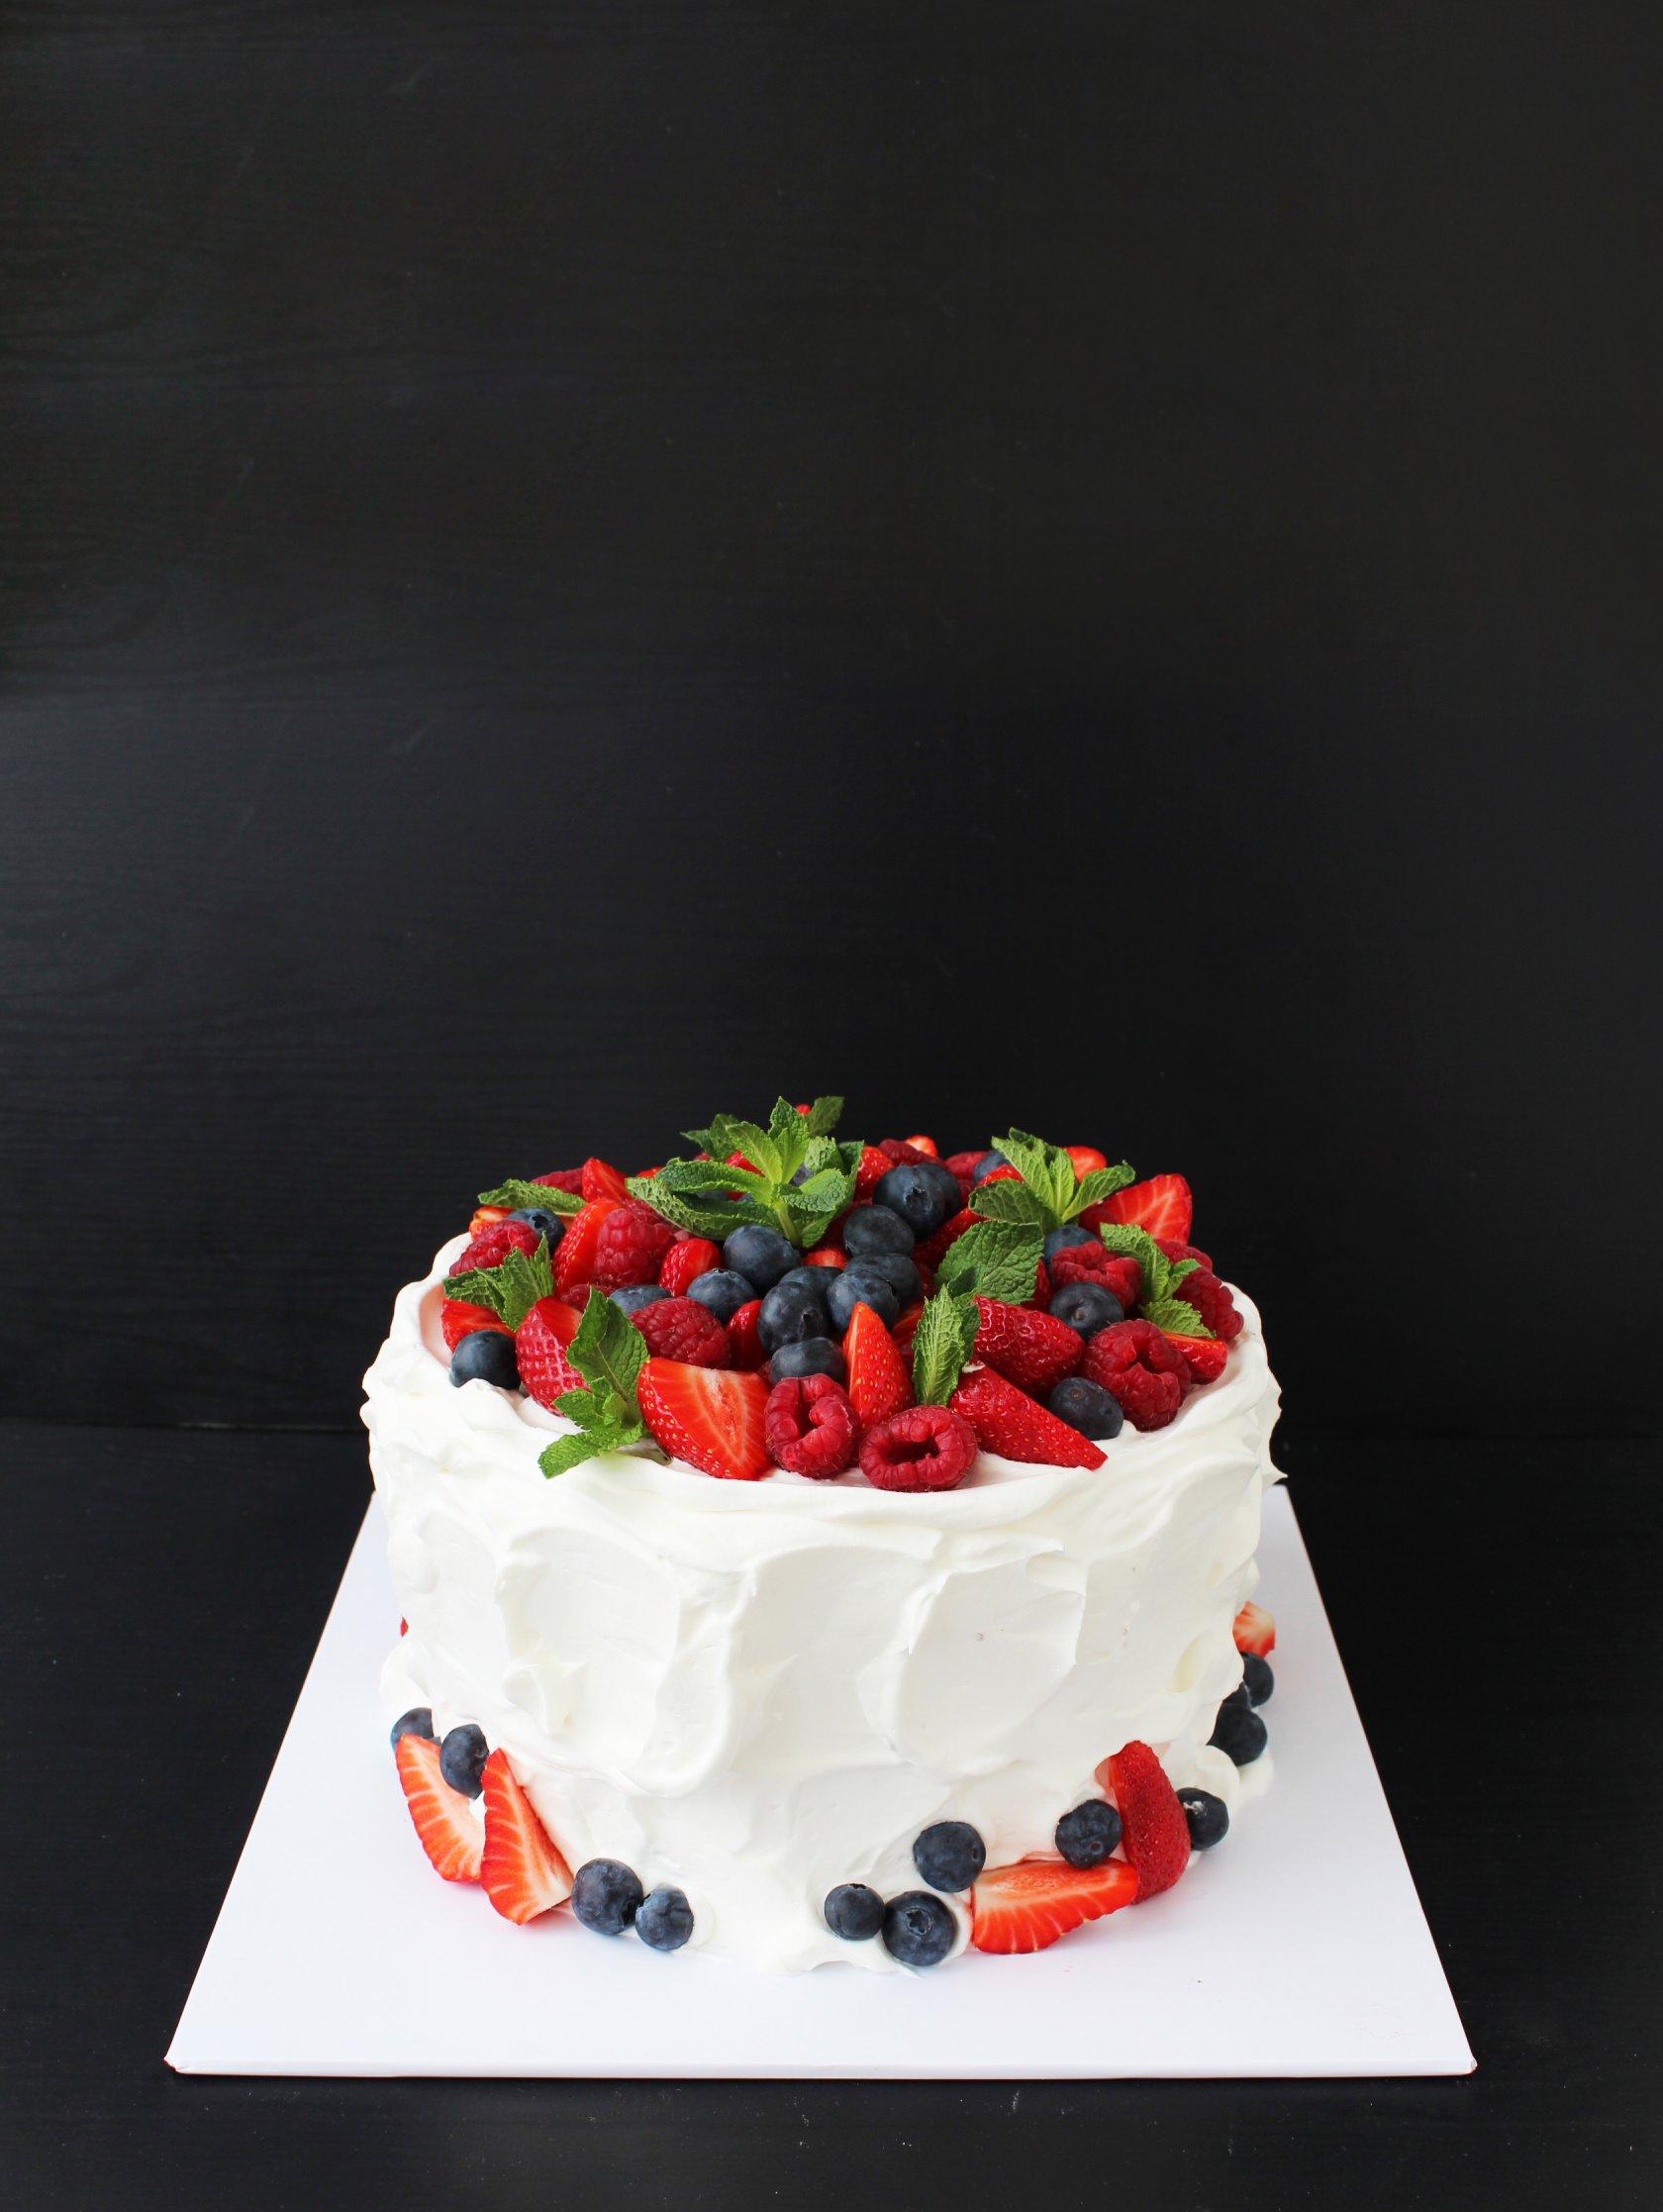 гилварг официальный свадебный торт фото одноярусный без мастики мячей